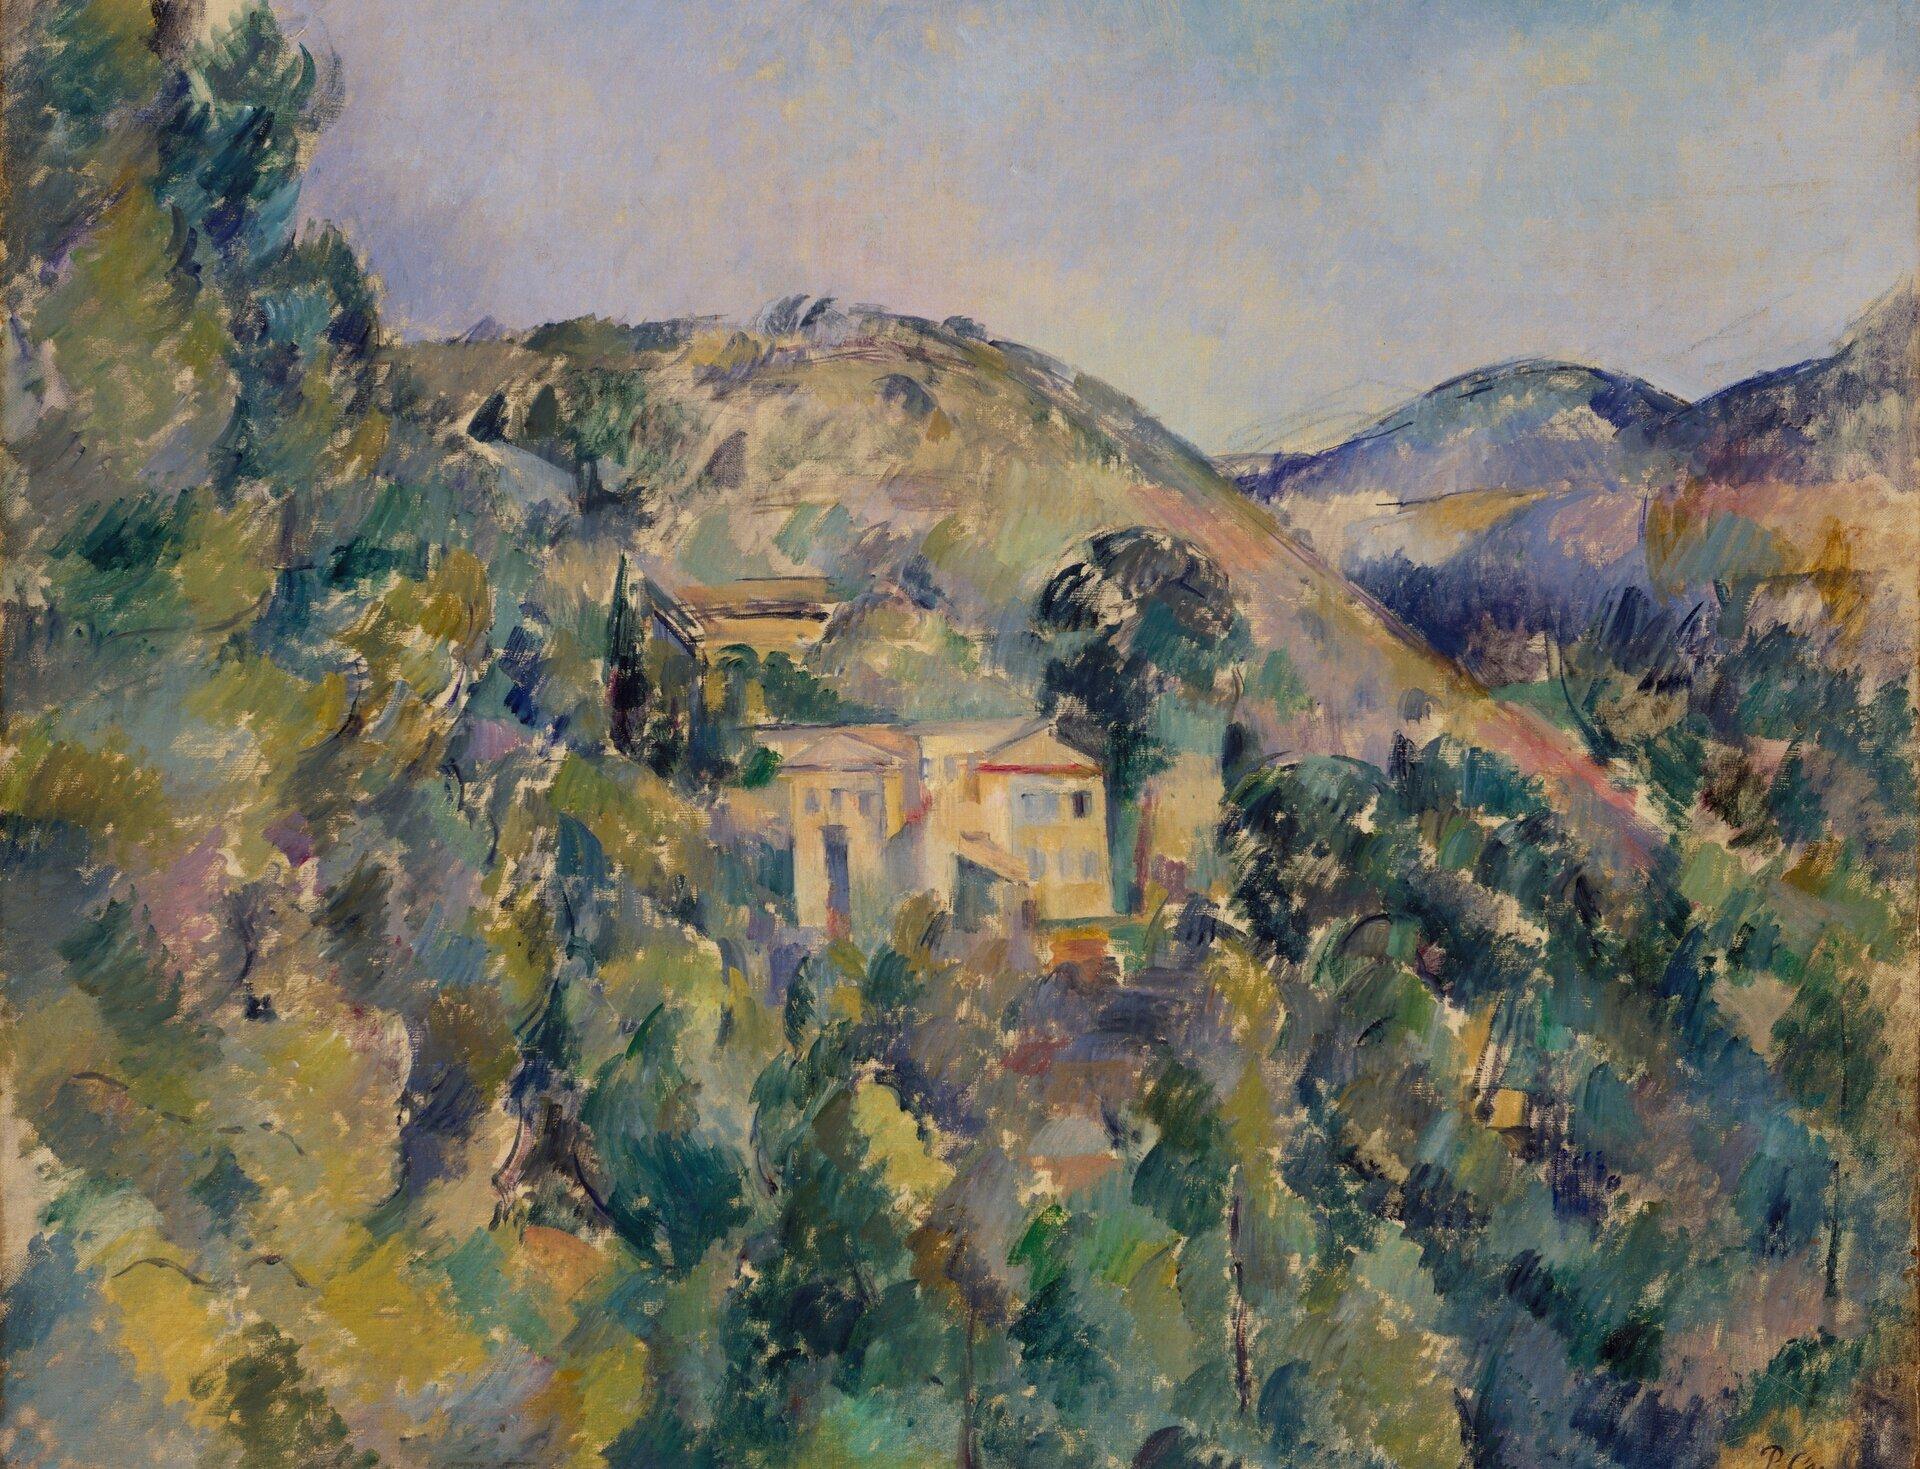 """Ilustracja przedstawia dzieło Paula Cézanne'a """"Widok posiadłości świętego Józefa"""". Obraz ukazuje krajobraz górski zgęstymi lasami. Pośród drzew znajdują się zabudowania. Za nimi rozciągają się pasma gór. Niebo jest pogodne, namalowane wodcieniach błękitu, żółcienia ijasnego fioletu."""